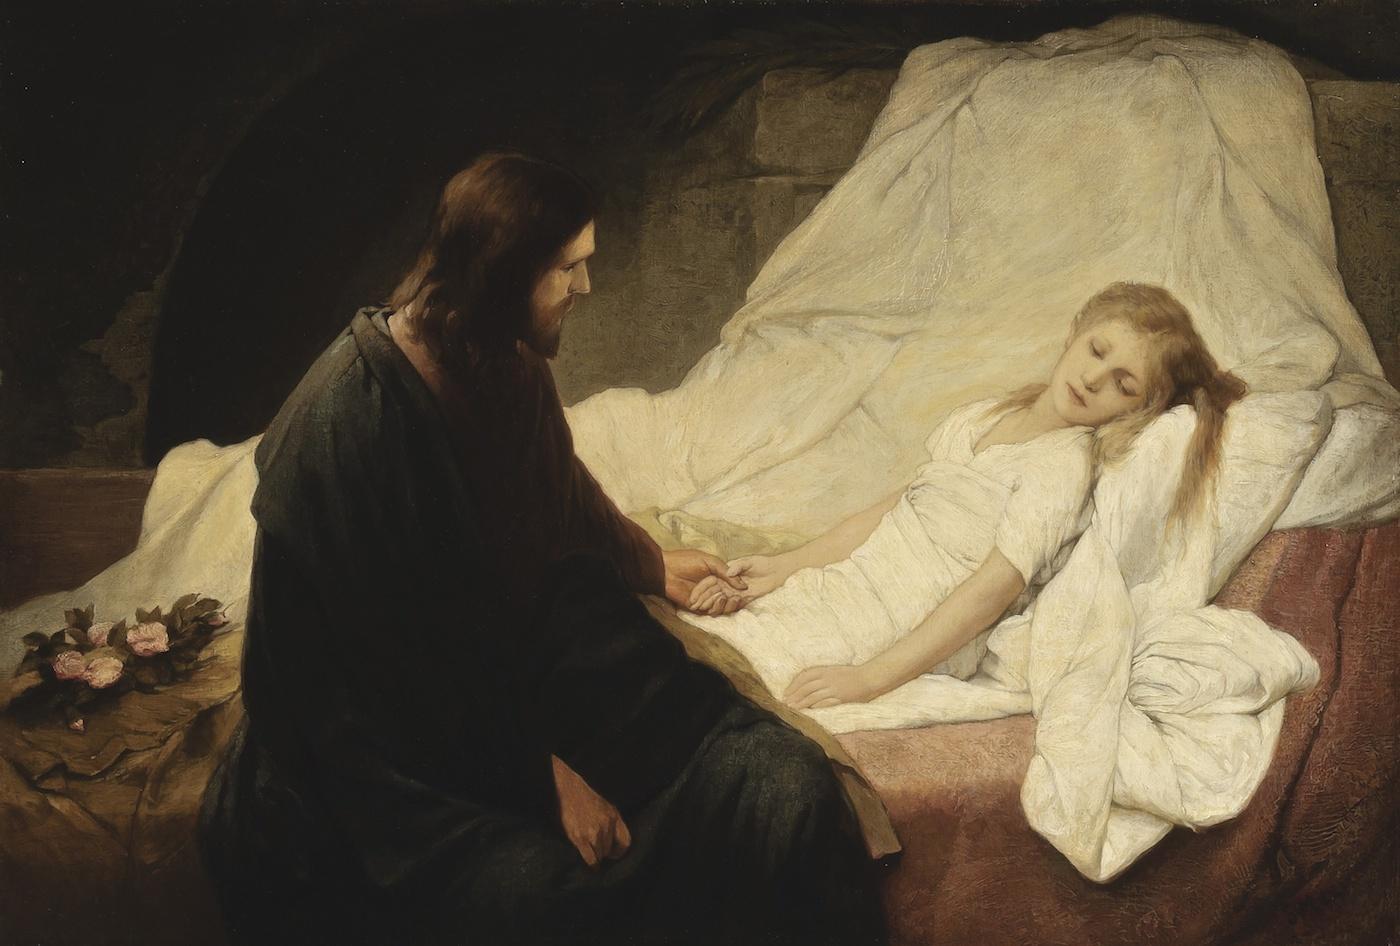 Великий пост. Евангелие от Луки 7-8